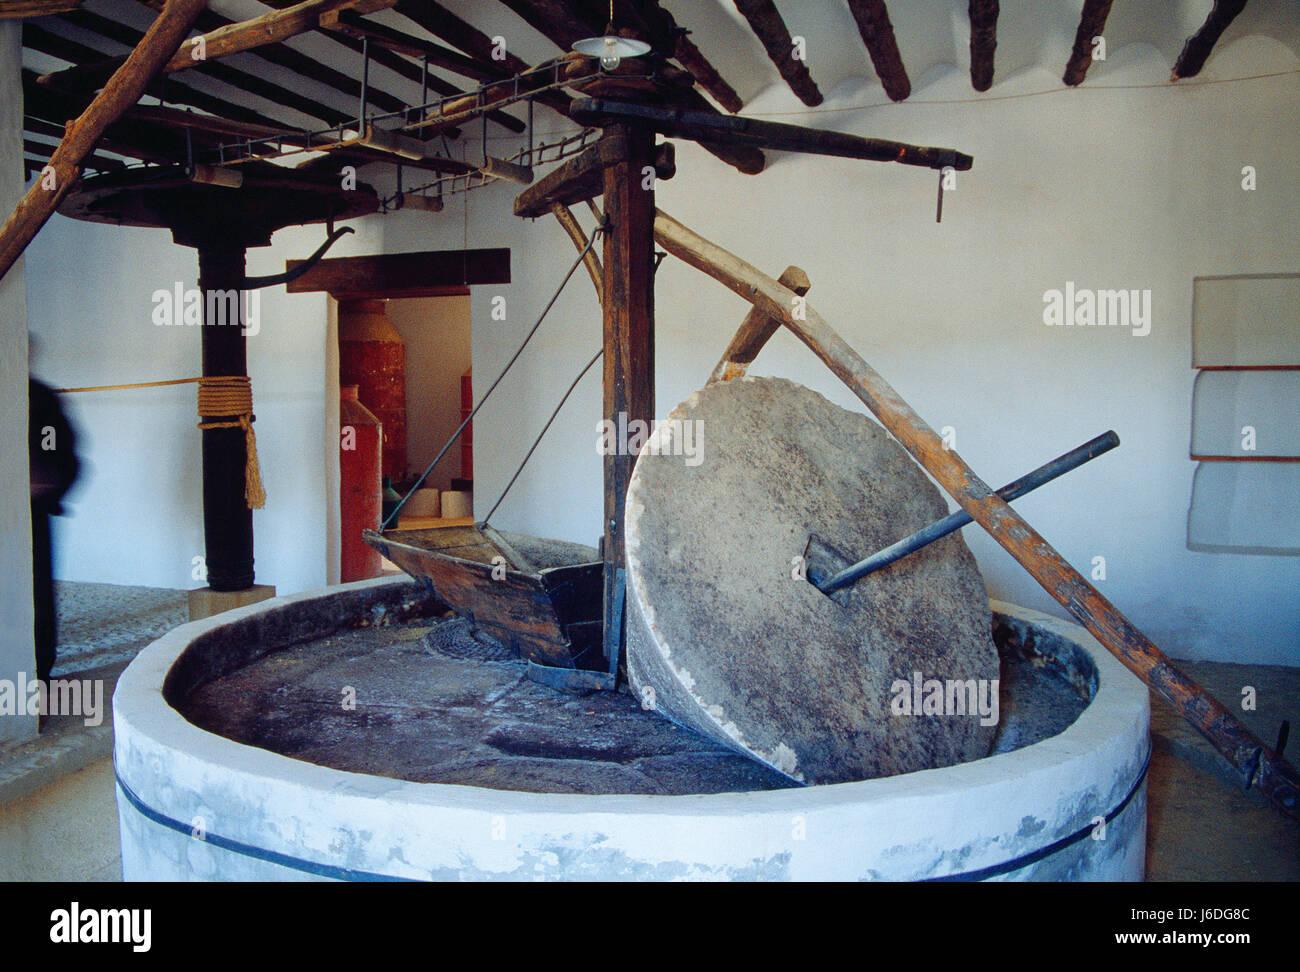 Alori frantoio. Cultura del museo di olivo, Baeza, Provincia di Jaen, Andalusia. Immagini Stock